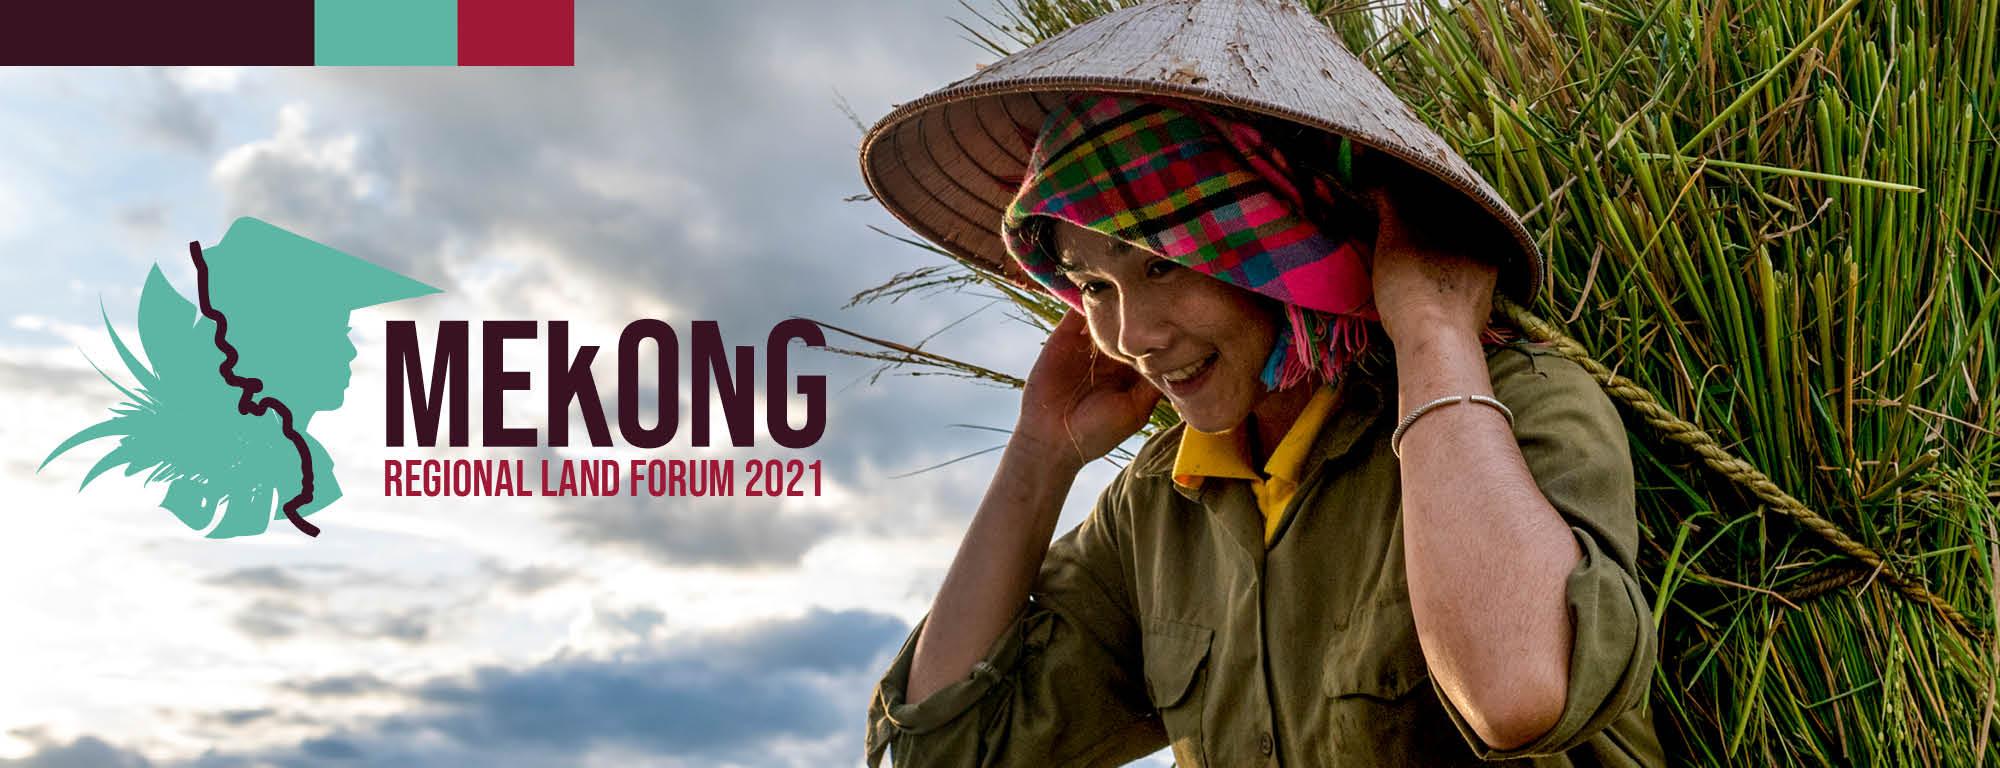 3rd Mekong Regional Land Forum 2021